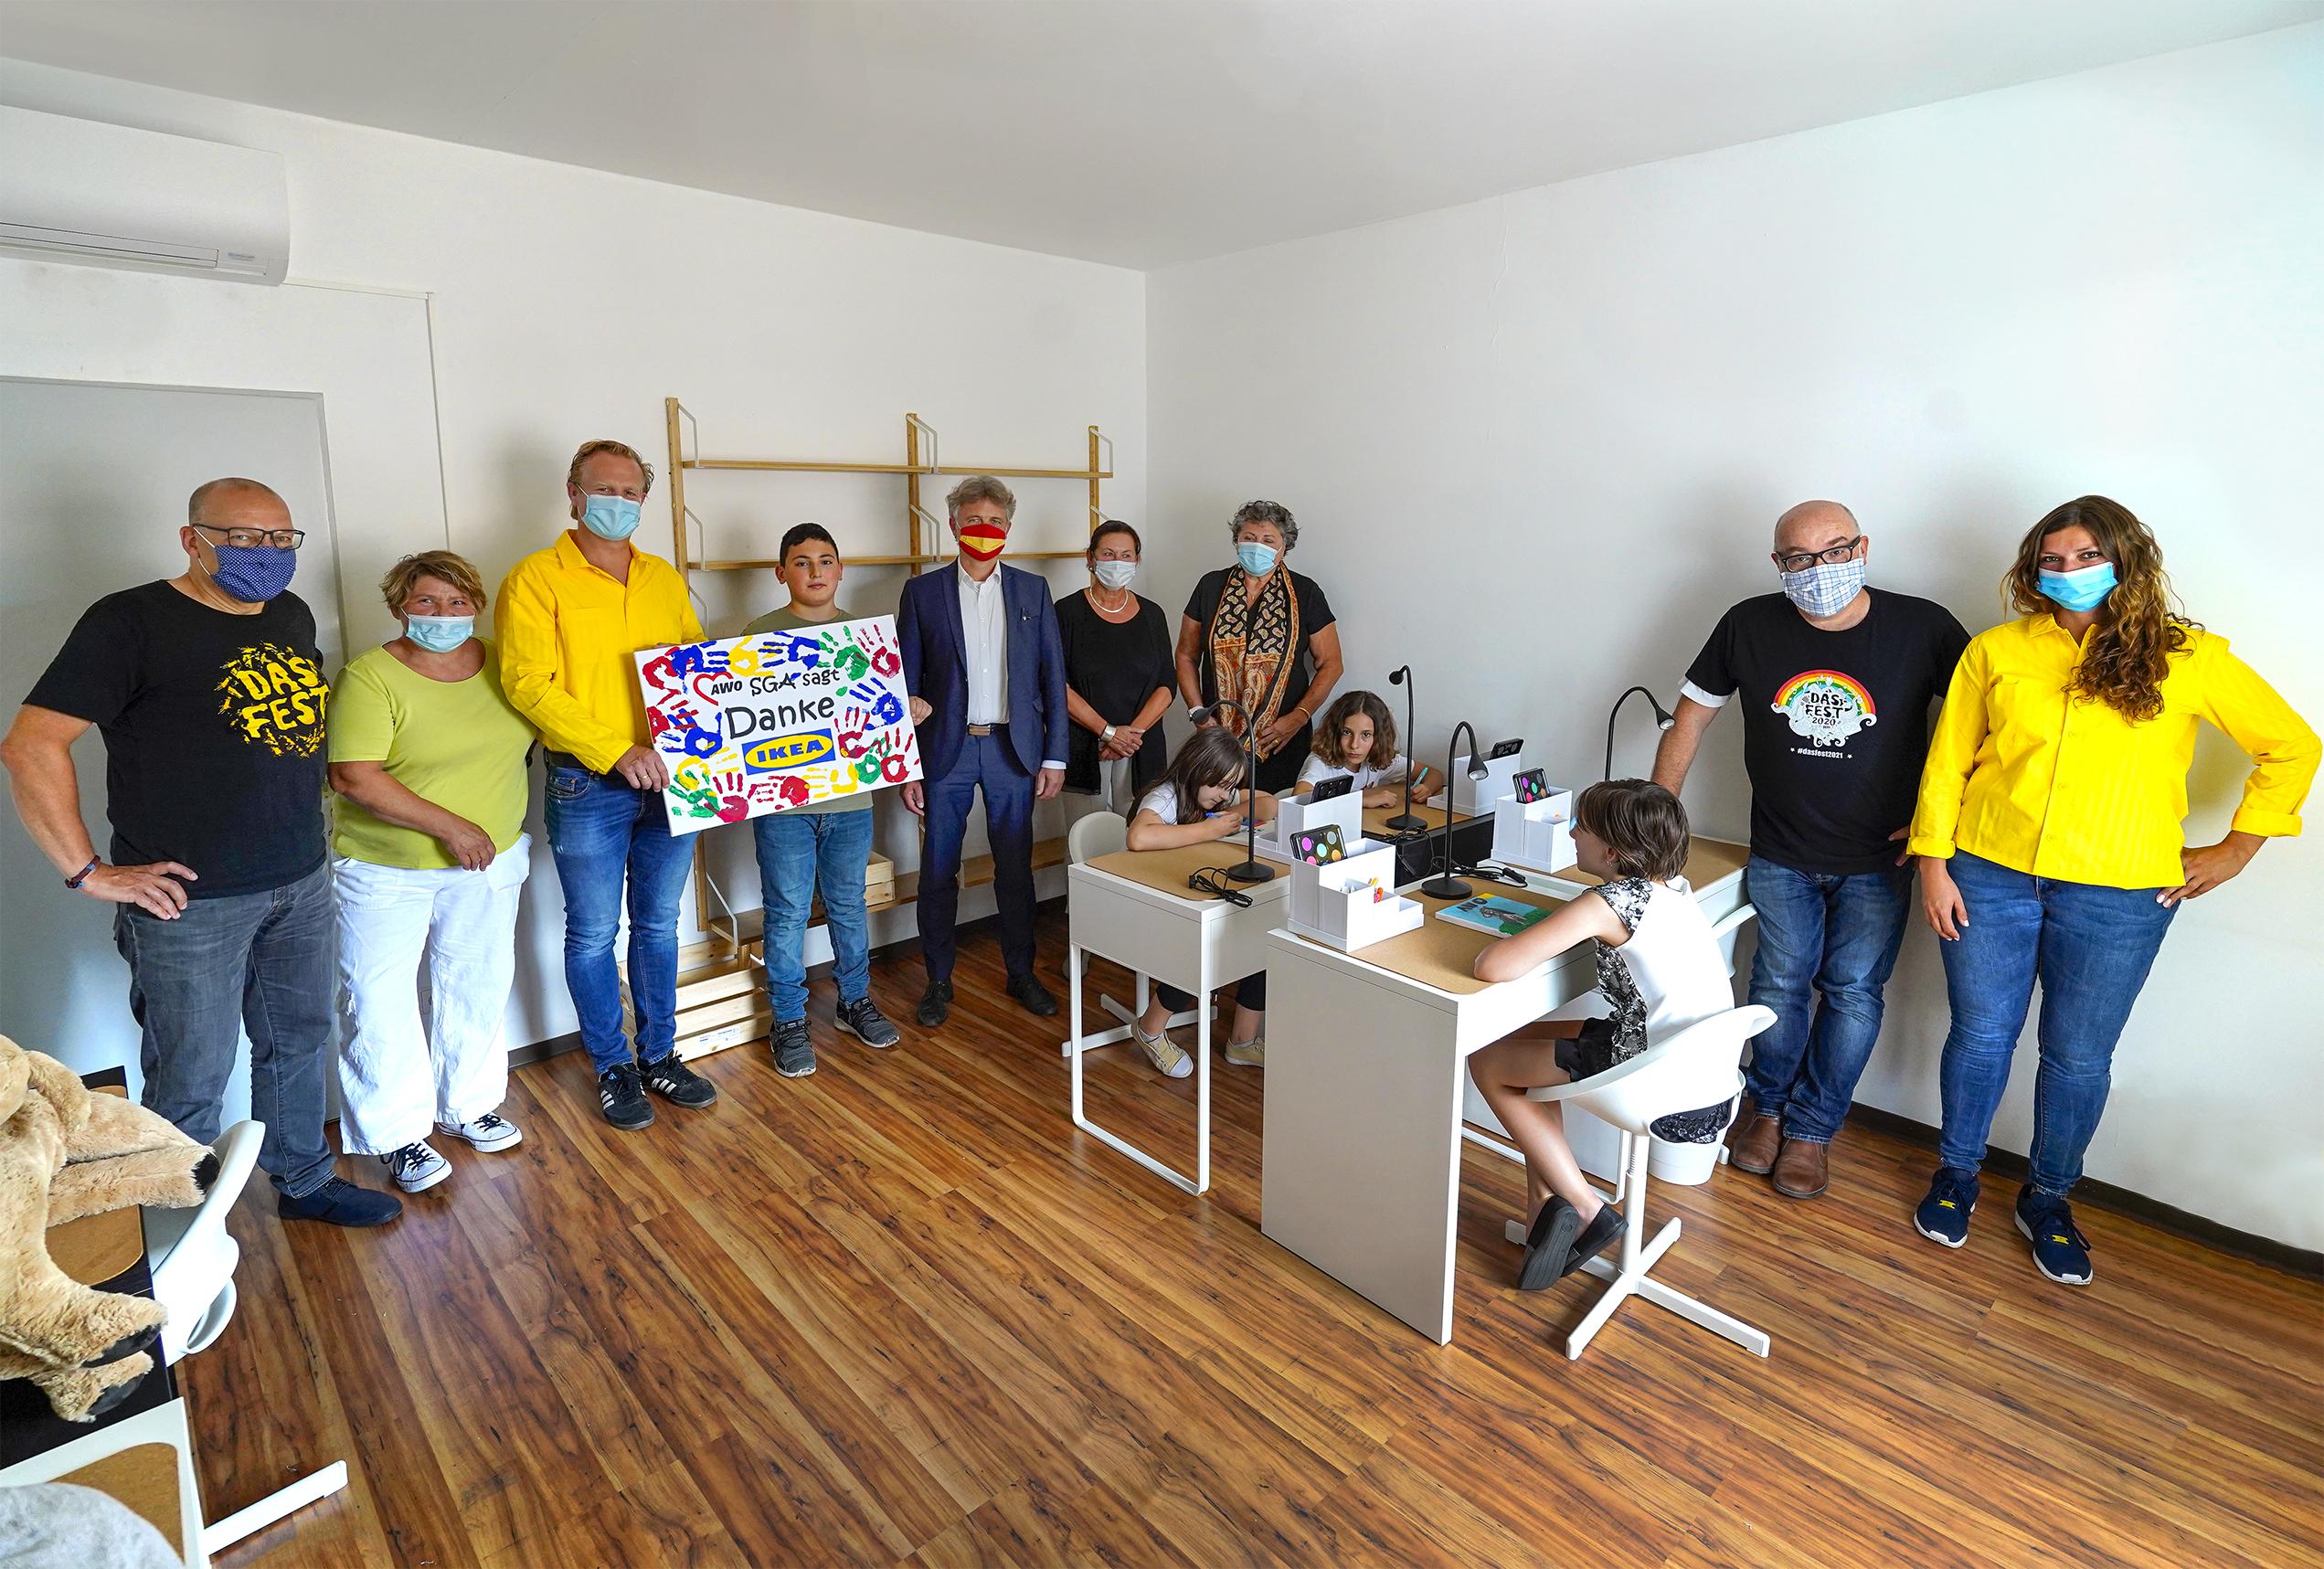 Eine Gruppe von Menschen steht zusammen in einem Raum.